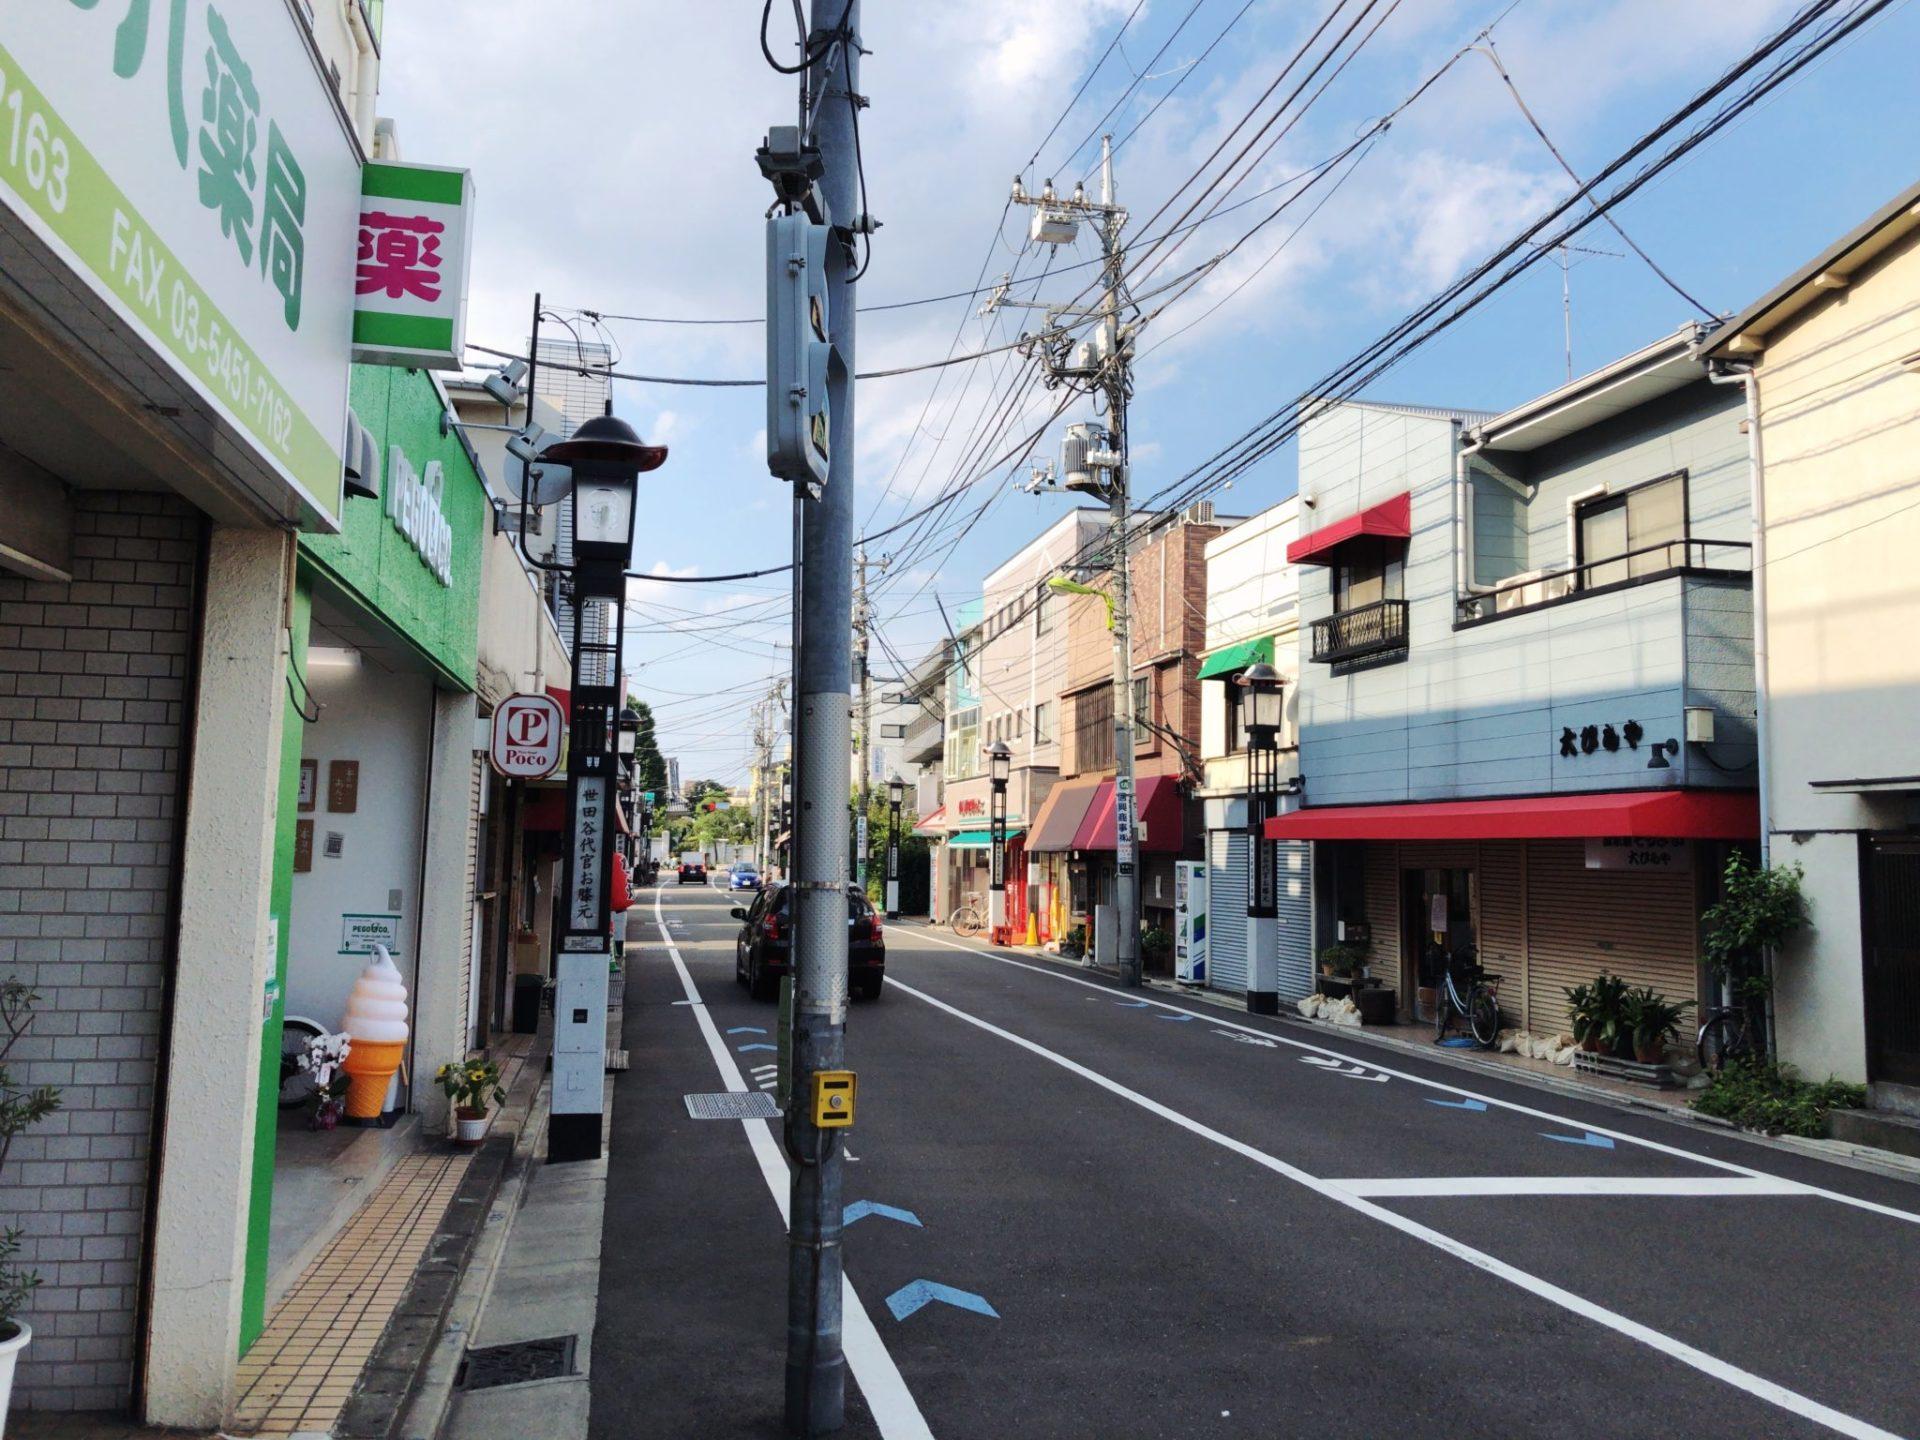 PEGO&CO.(ぺごあんこ)世田谷店は駒沢公園通り沿い